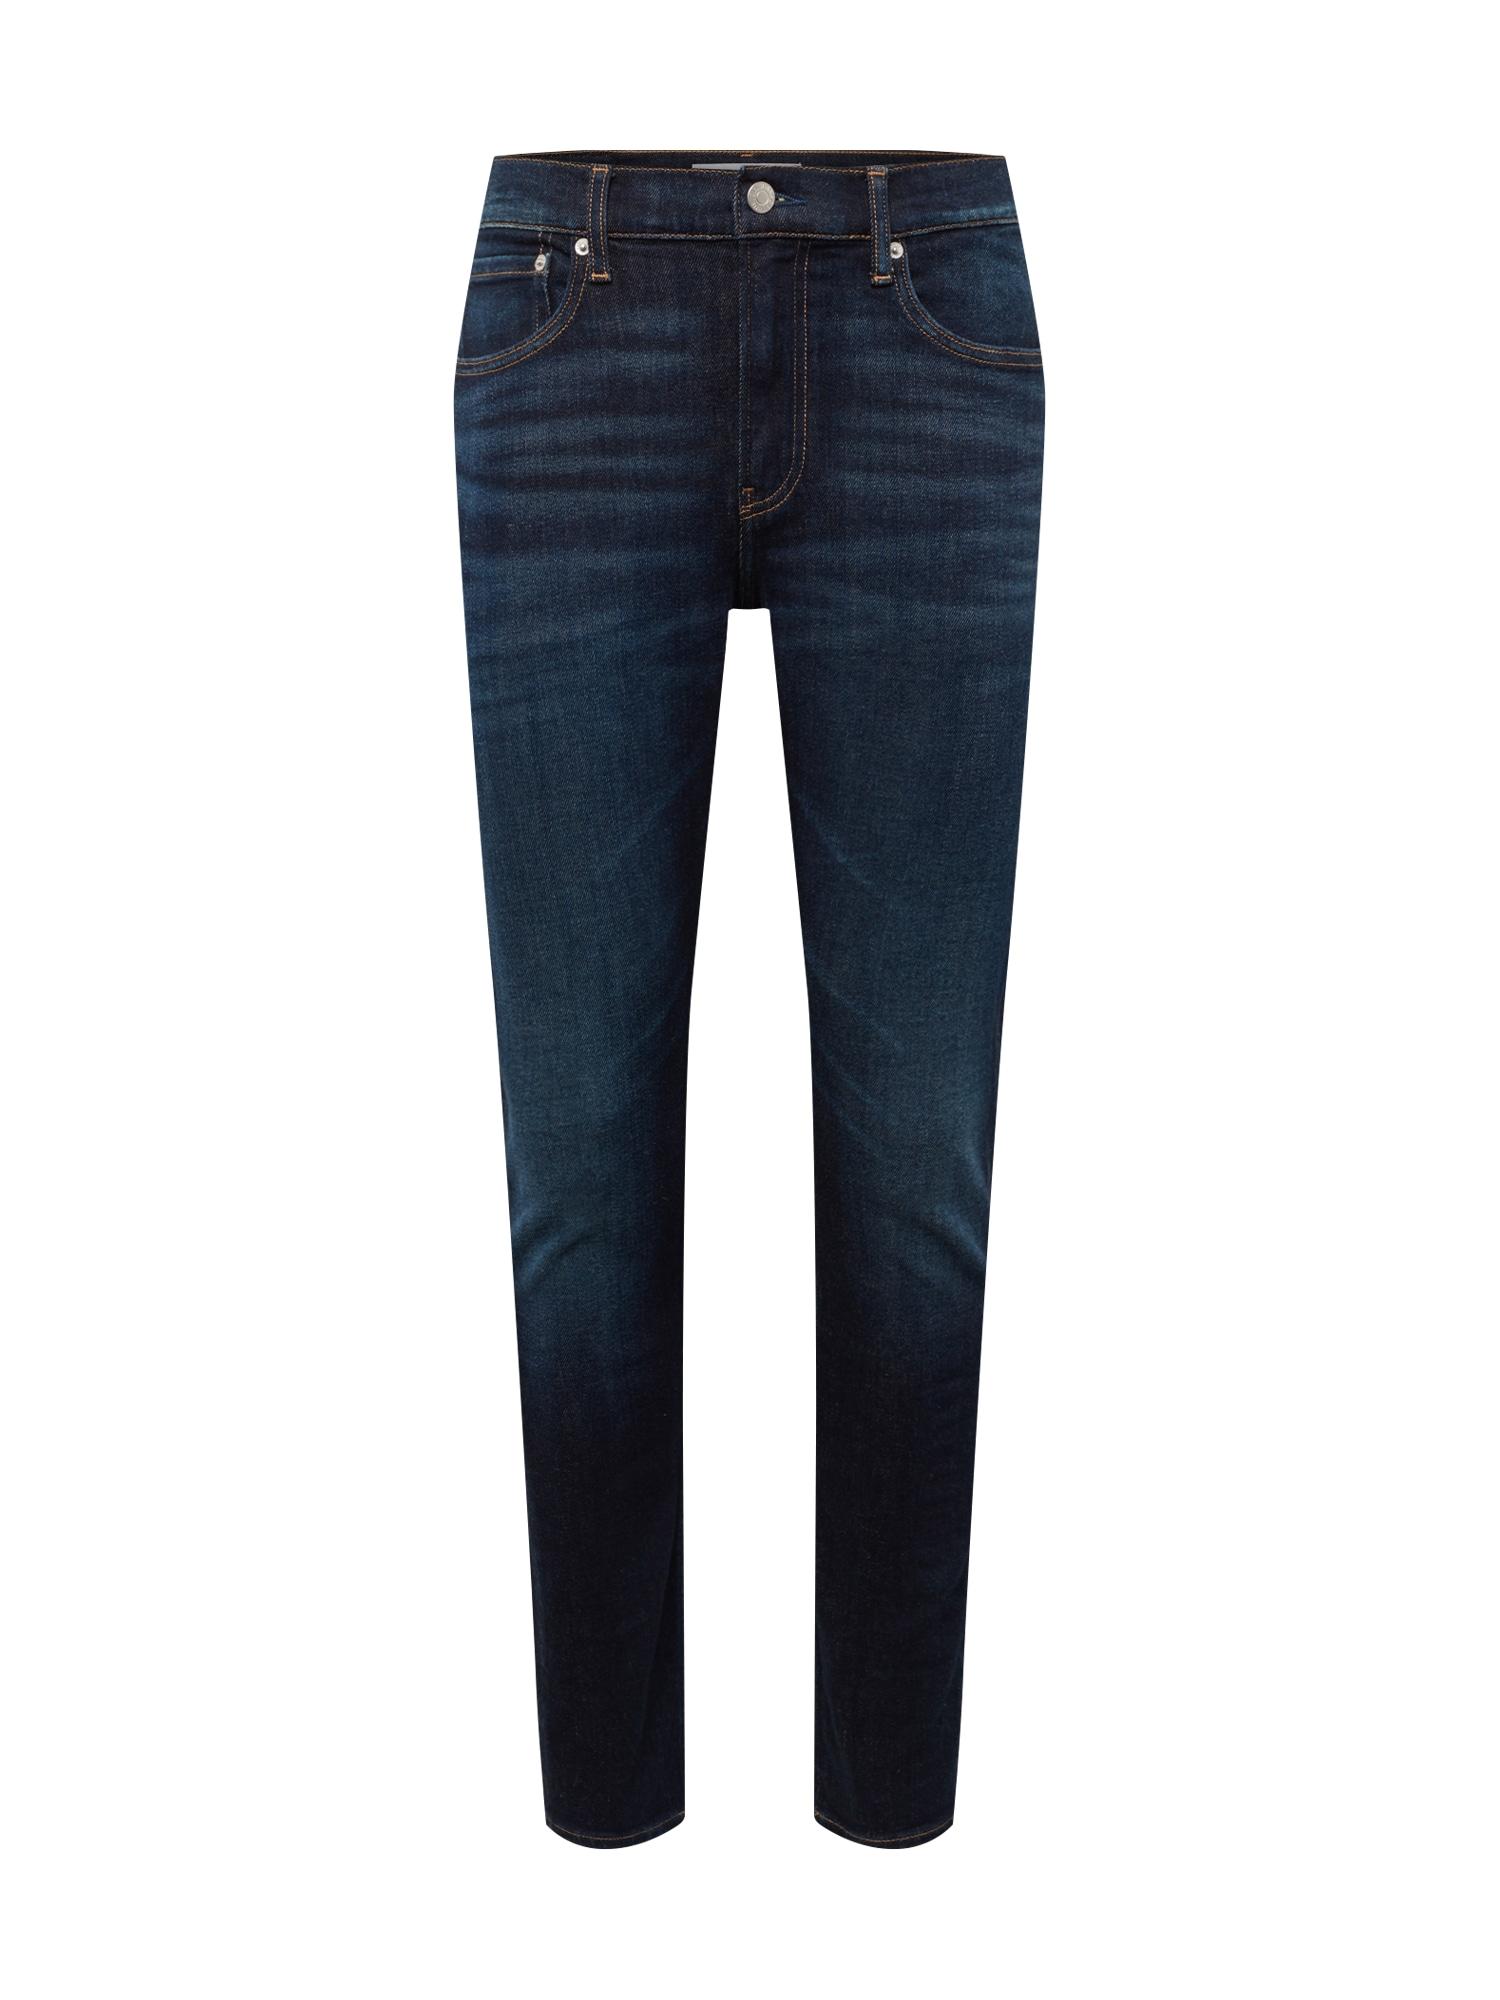 Džíny 058 SLIM TAPER tmavě modrá Calvin Klein Jeans